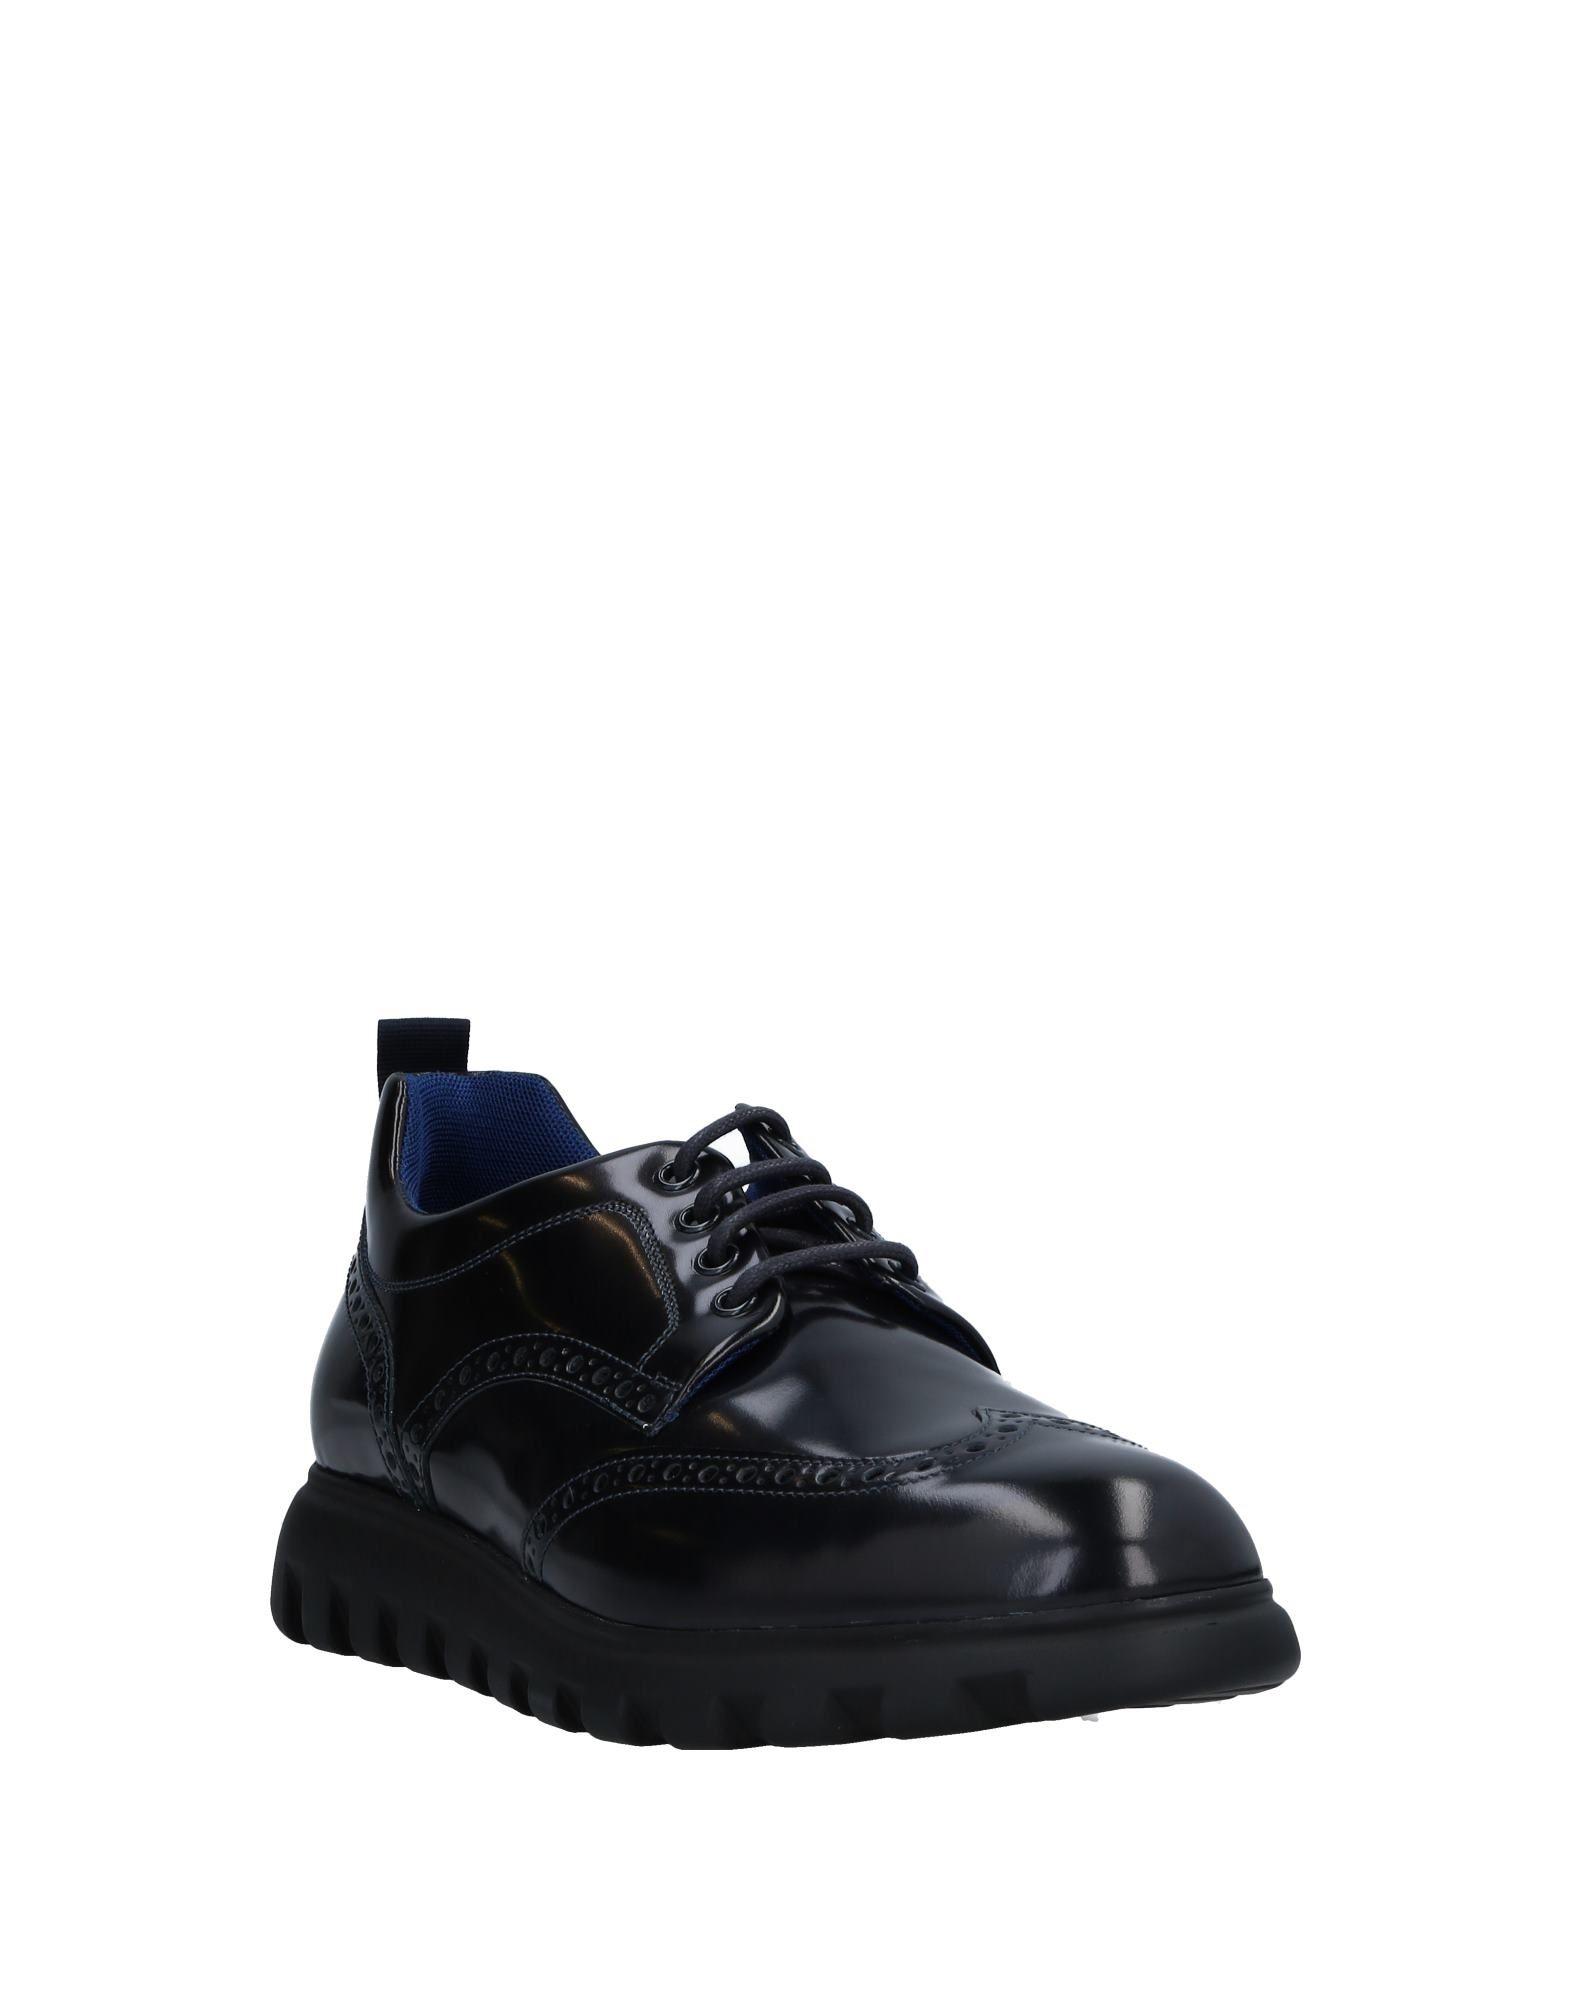 Voile 11534600MN Blanche Schnürschuhe Herren  11534600MN Voile Gute Qualität beliebte Schuhe e277e3